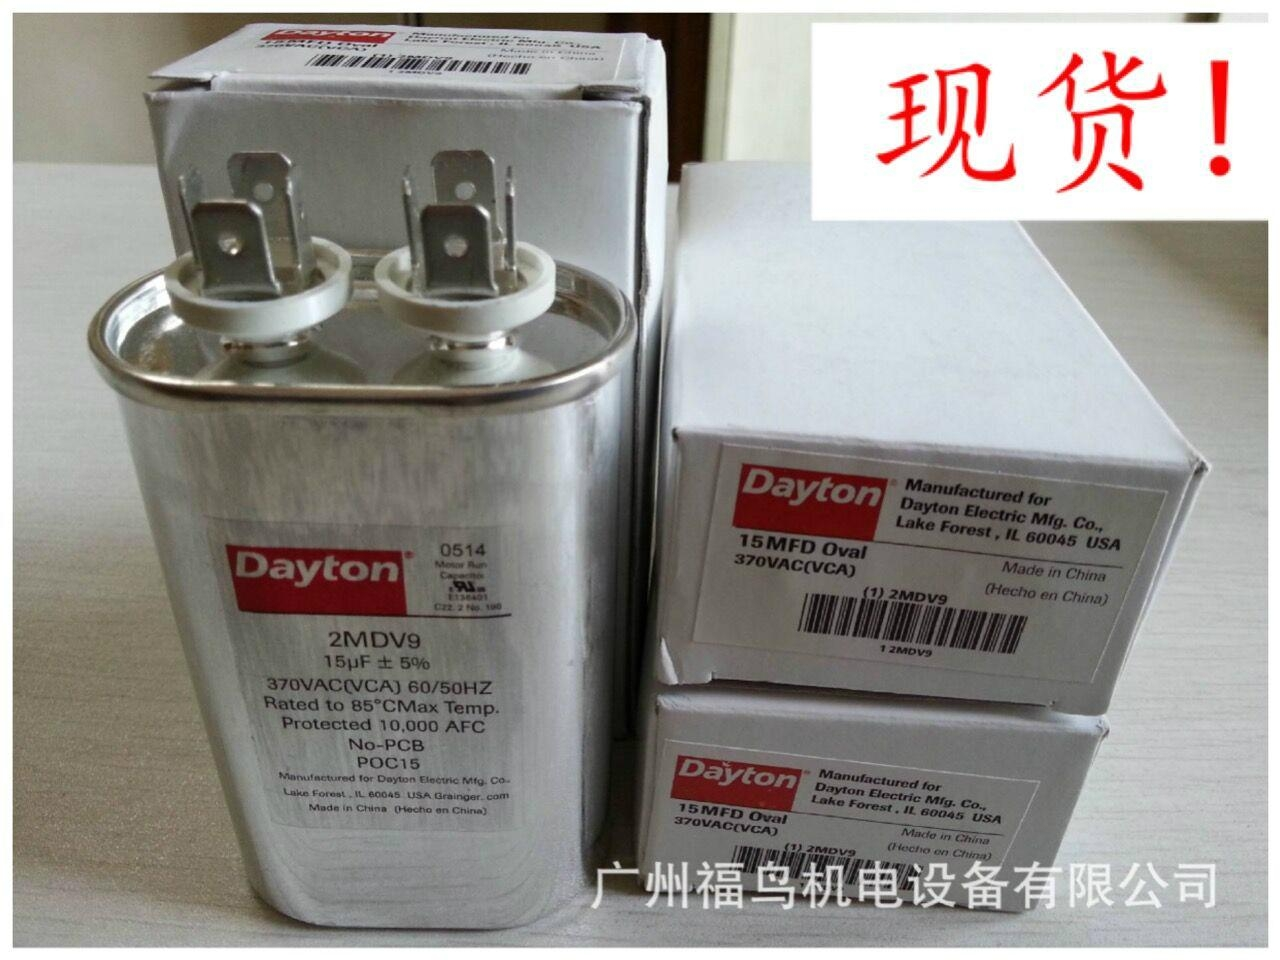 DAYTON電容, 型號: 2MDV9